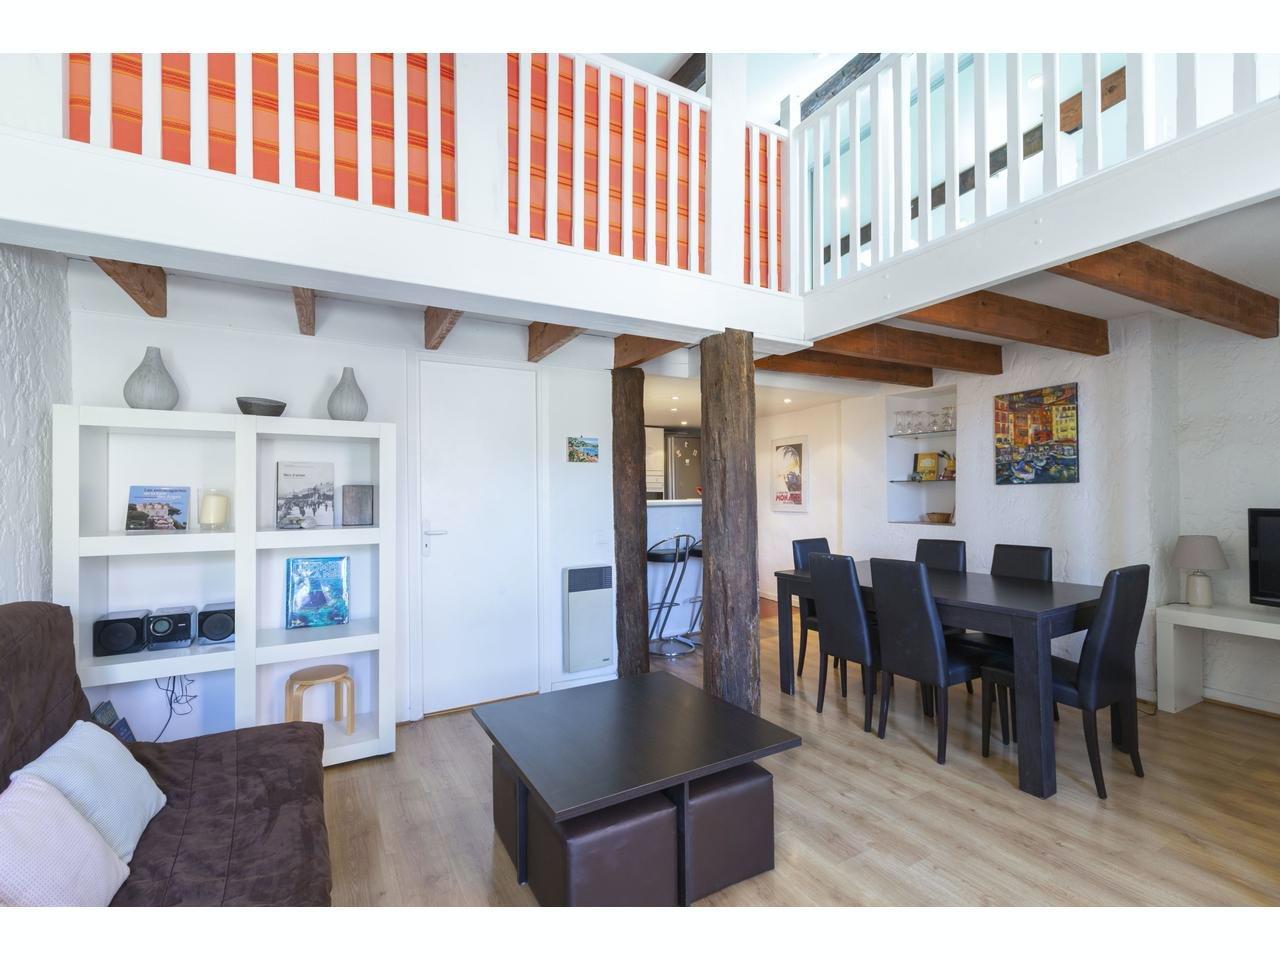 Lägenhet i centrala Villefranche-sur-mer med balkong